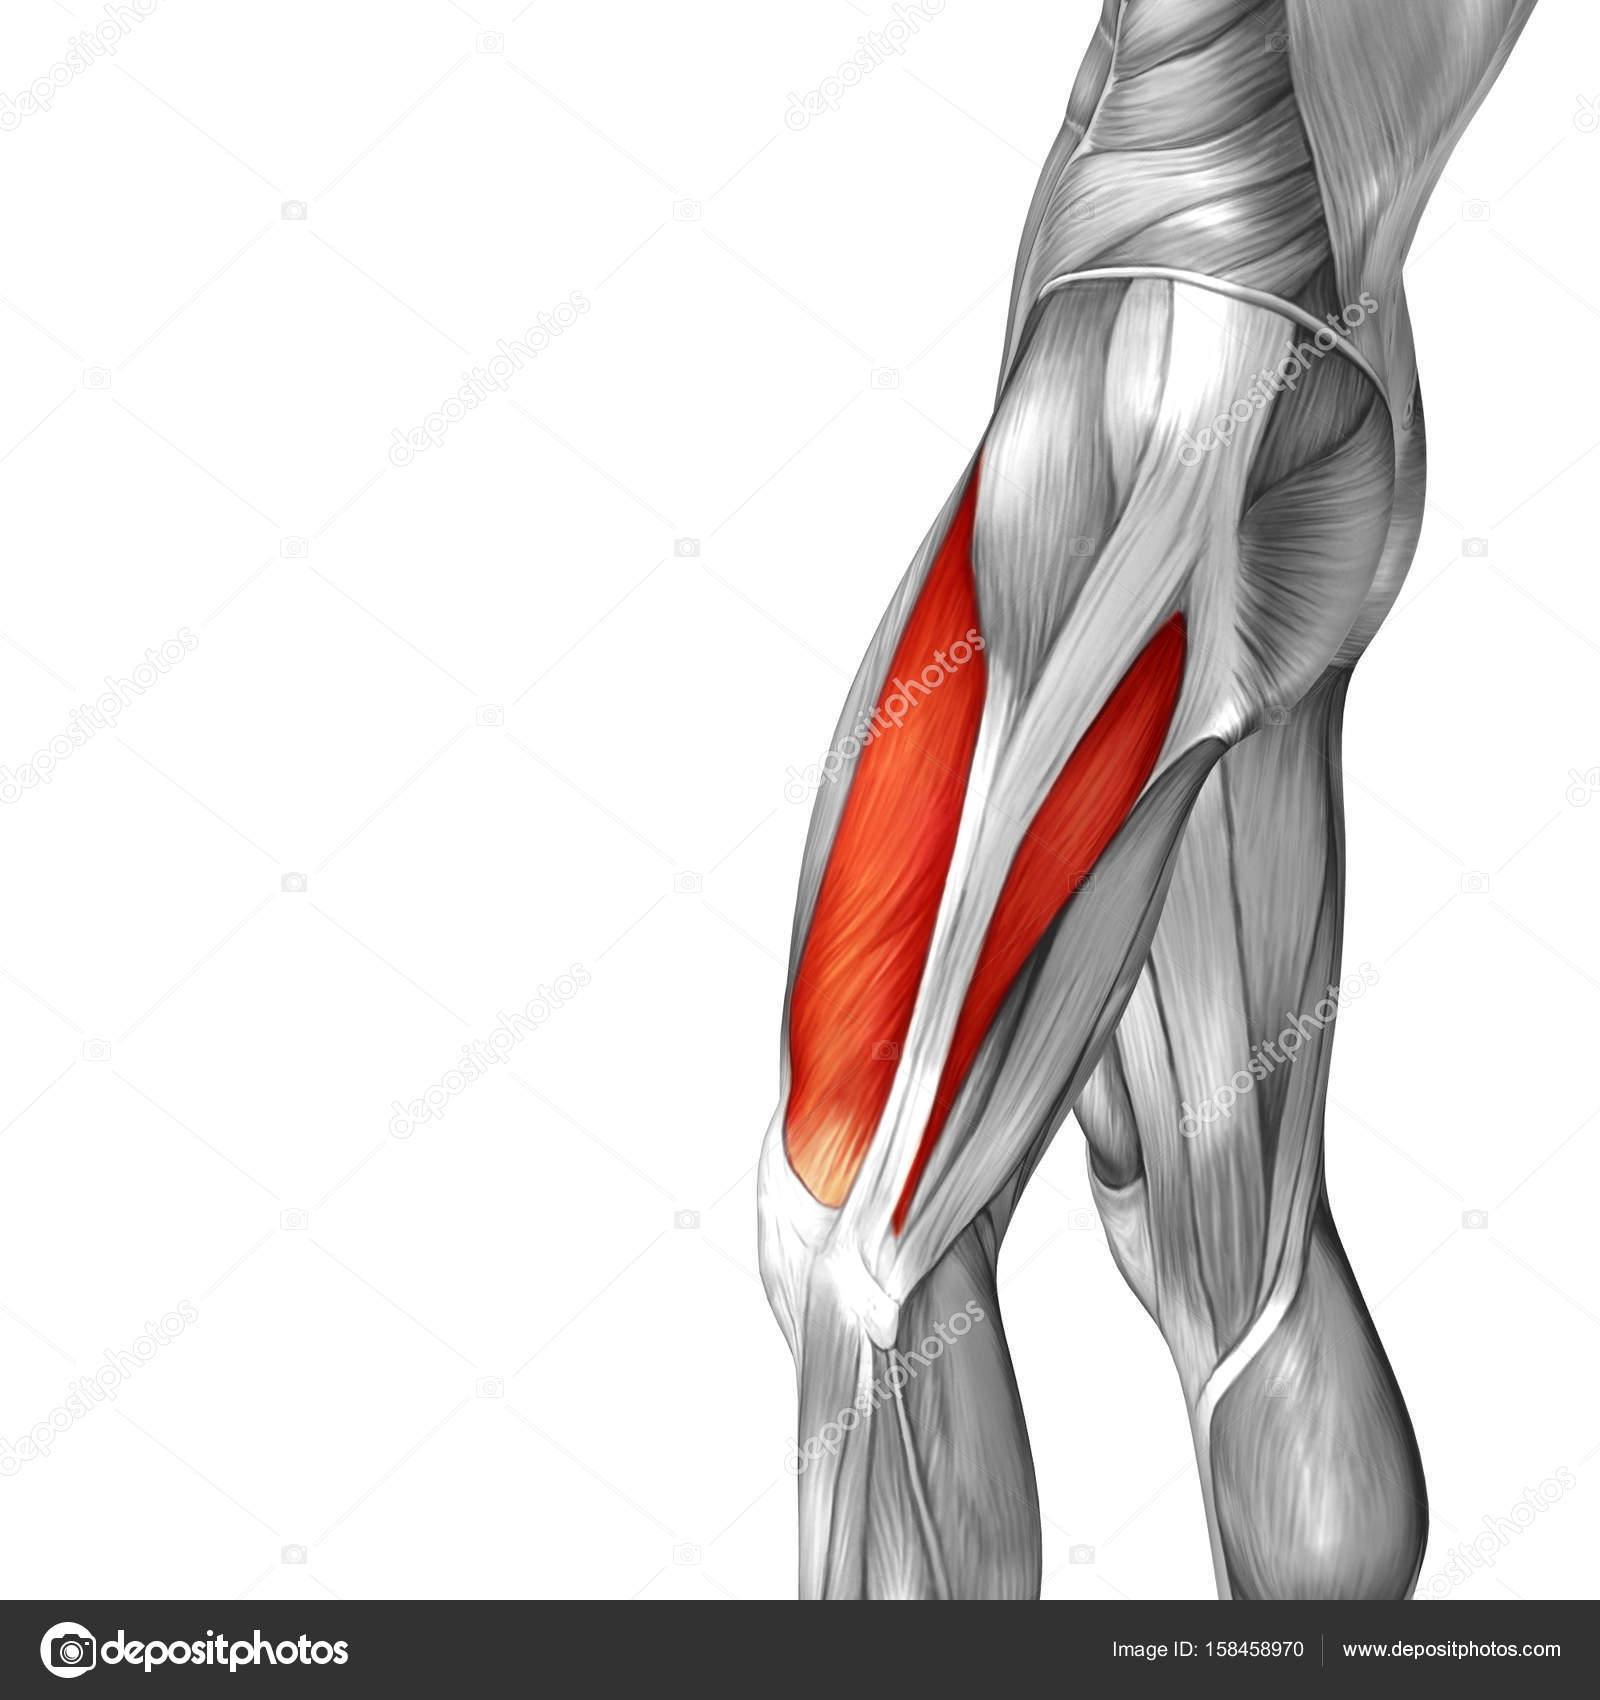 Abbildung menschlicher Oberschenkel-Anatomie — Stockfoto © design36 ...